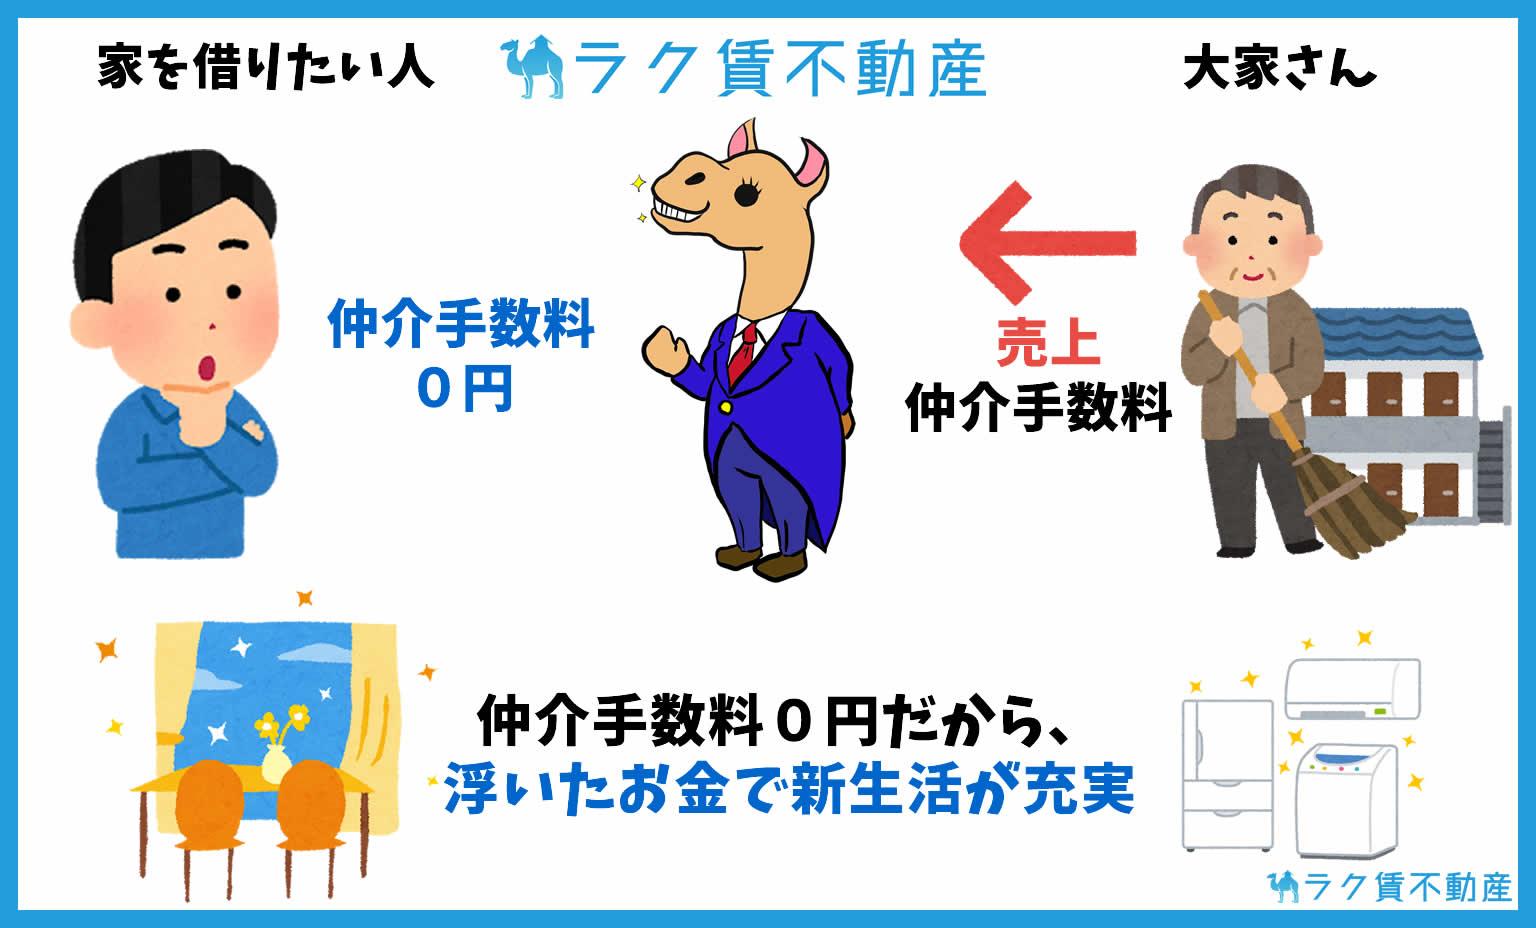 ラク賃不動産は仲介手数料0円